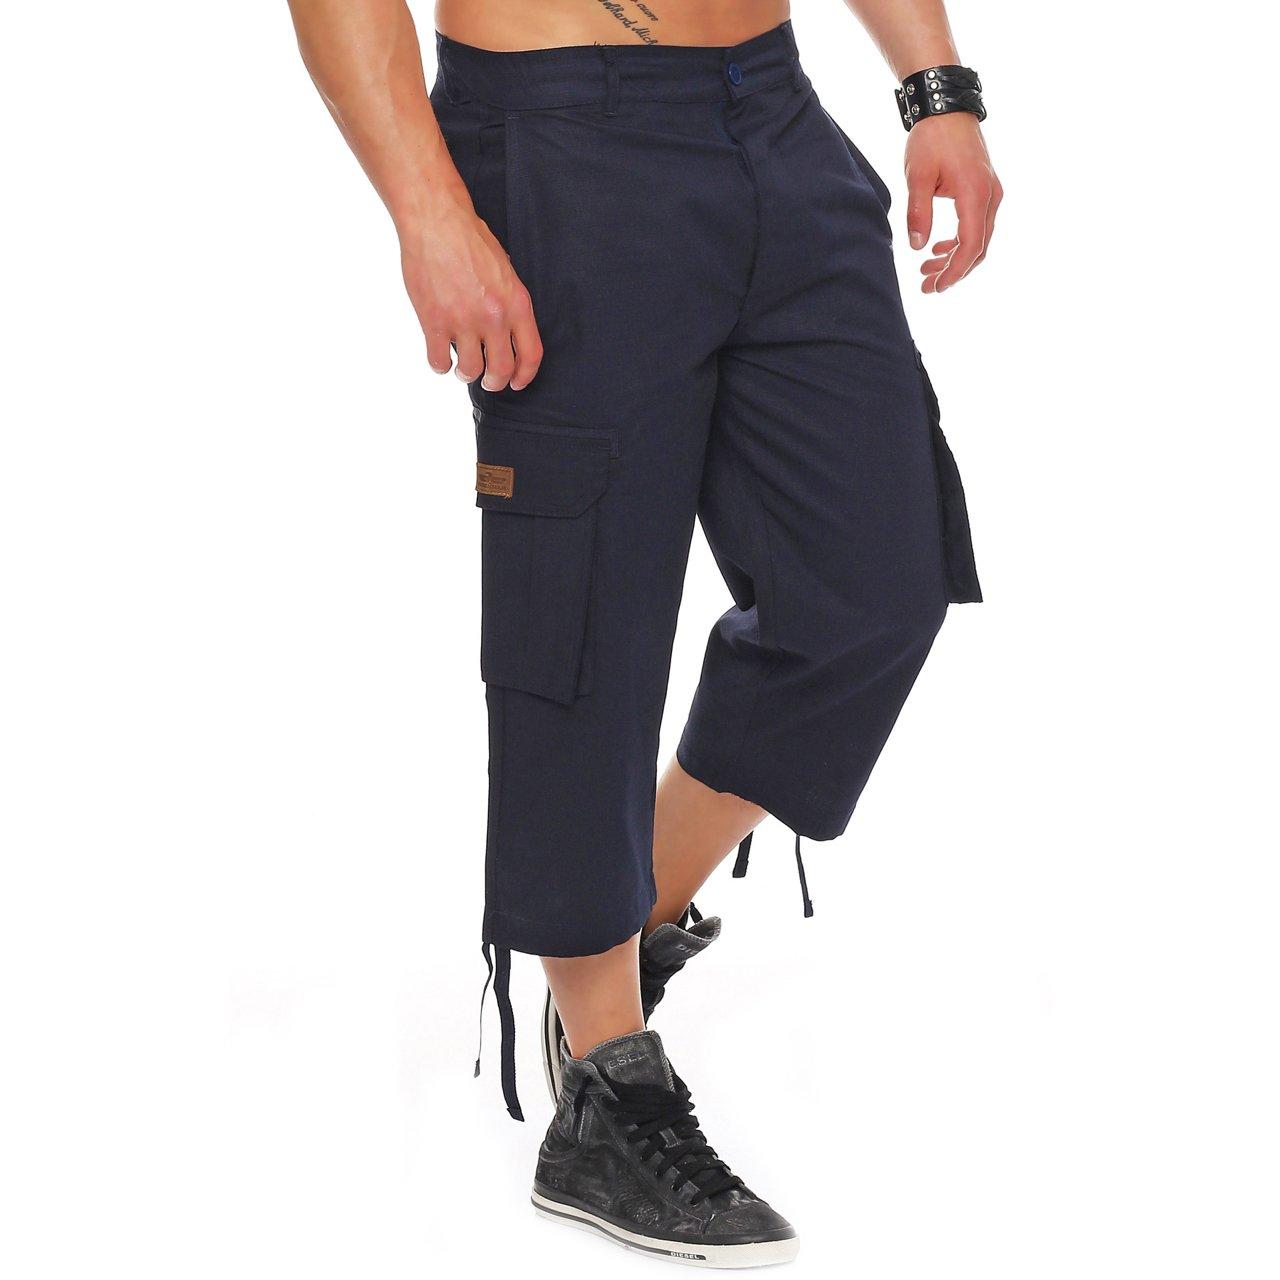 Finchman - Pantalón corto deportivo - para hombre